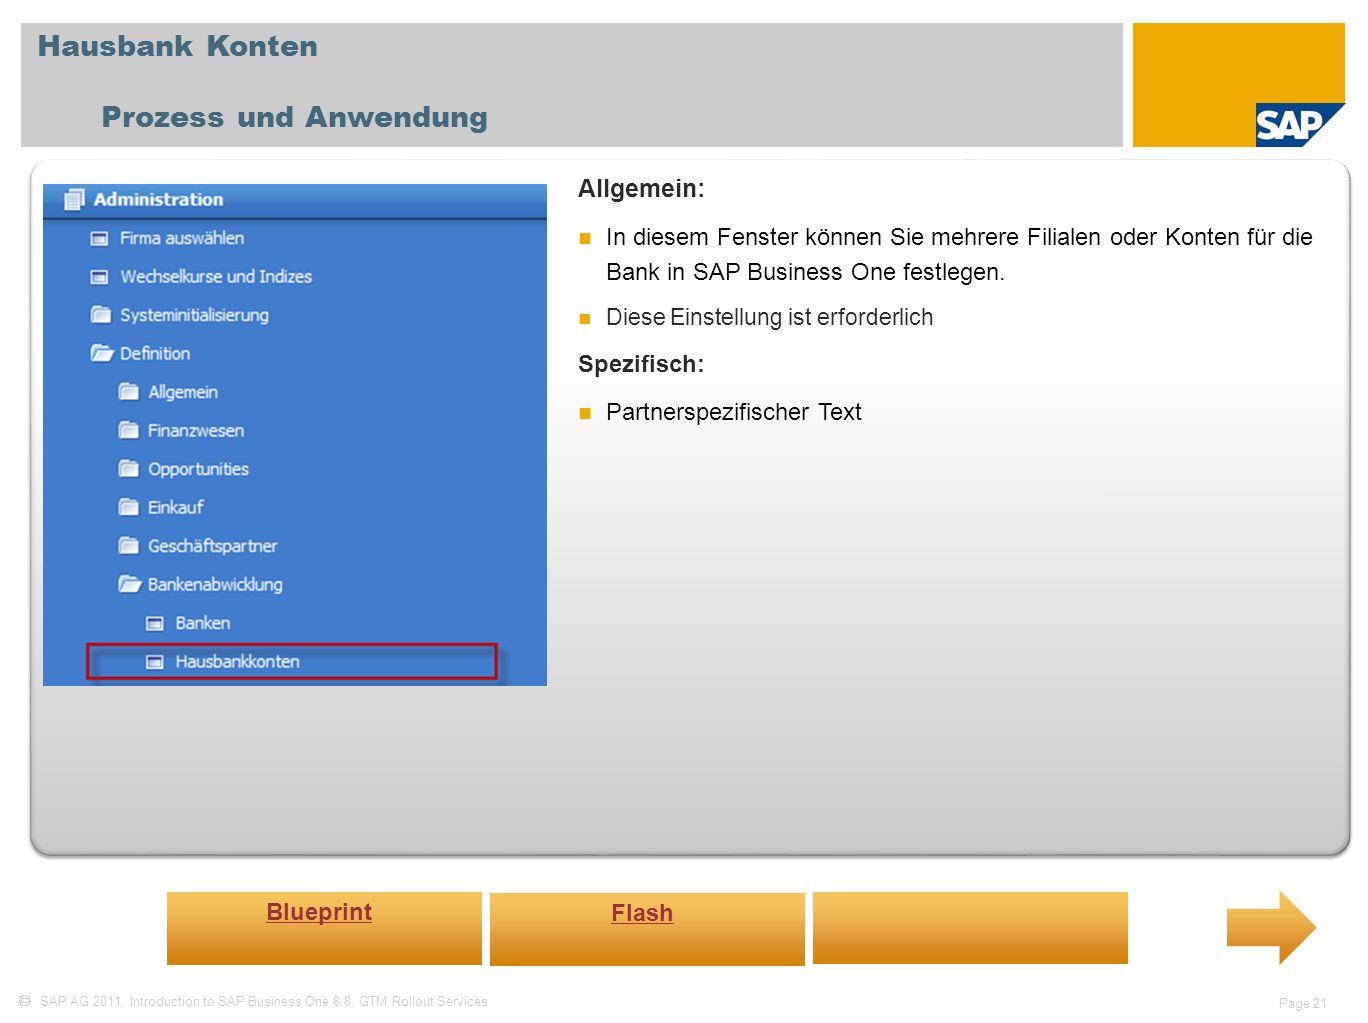 SAP AG 2011, Introduction to SAP Business One 8.8, GTM Rollout Services Page 21 Hausbank Konten Prozess und Anwendung Allgemein: In diesem Fenster kön